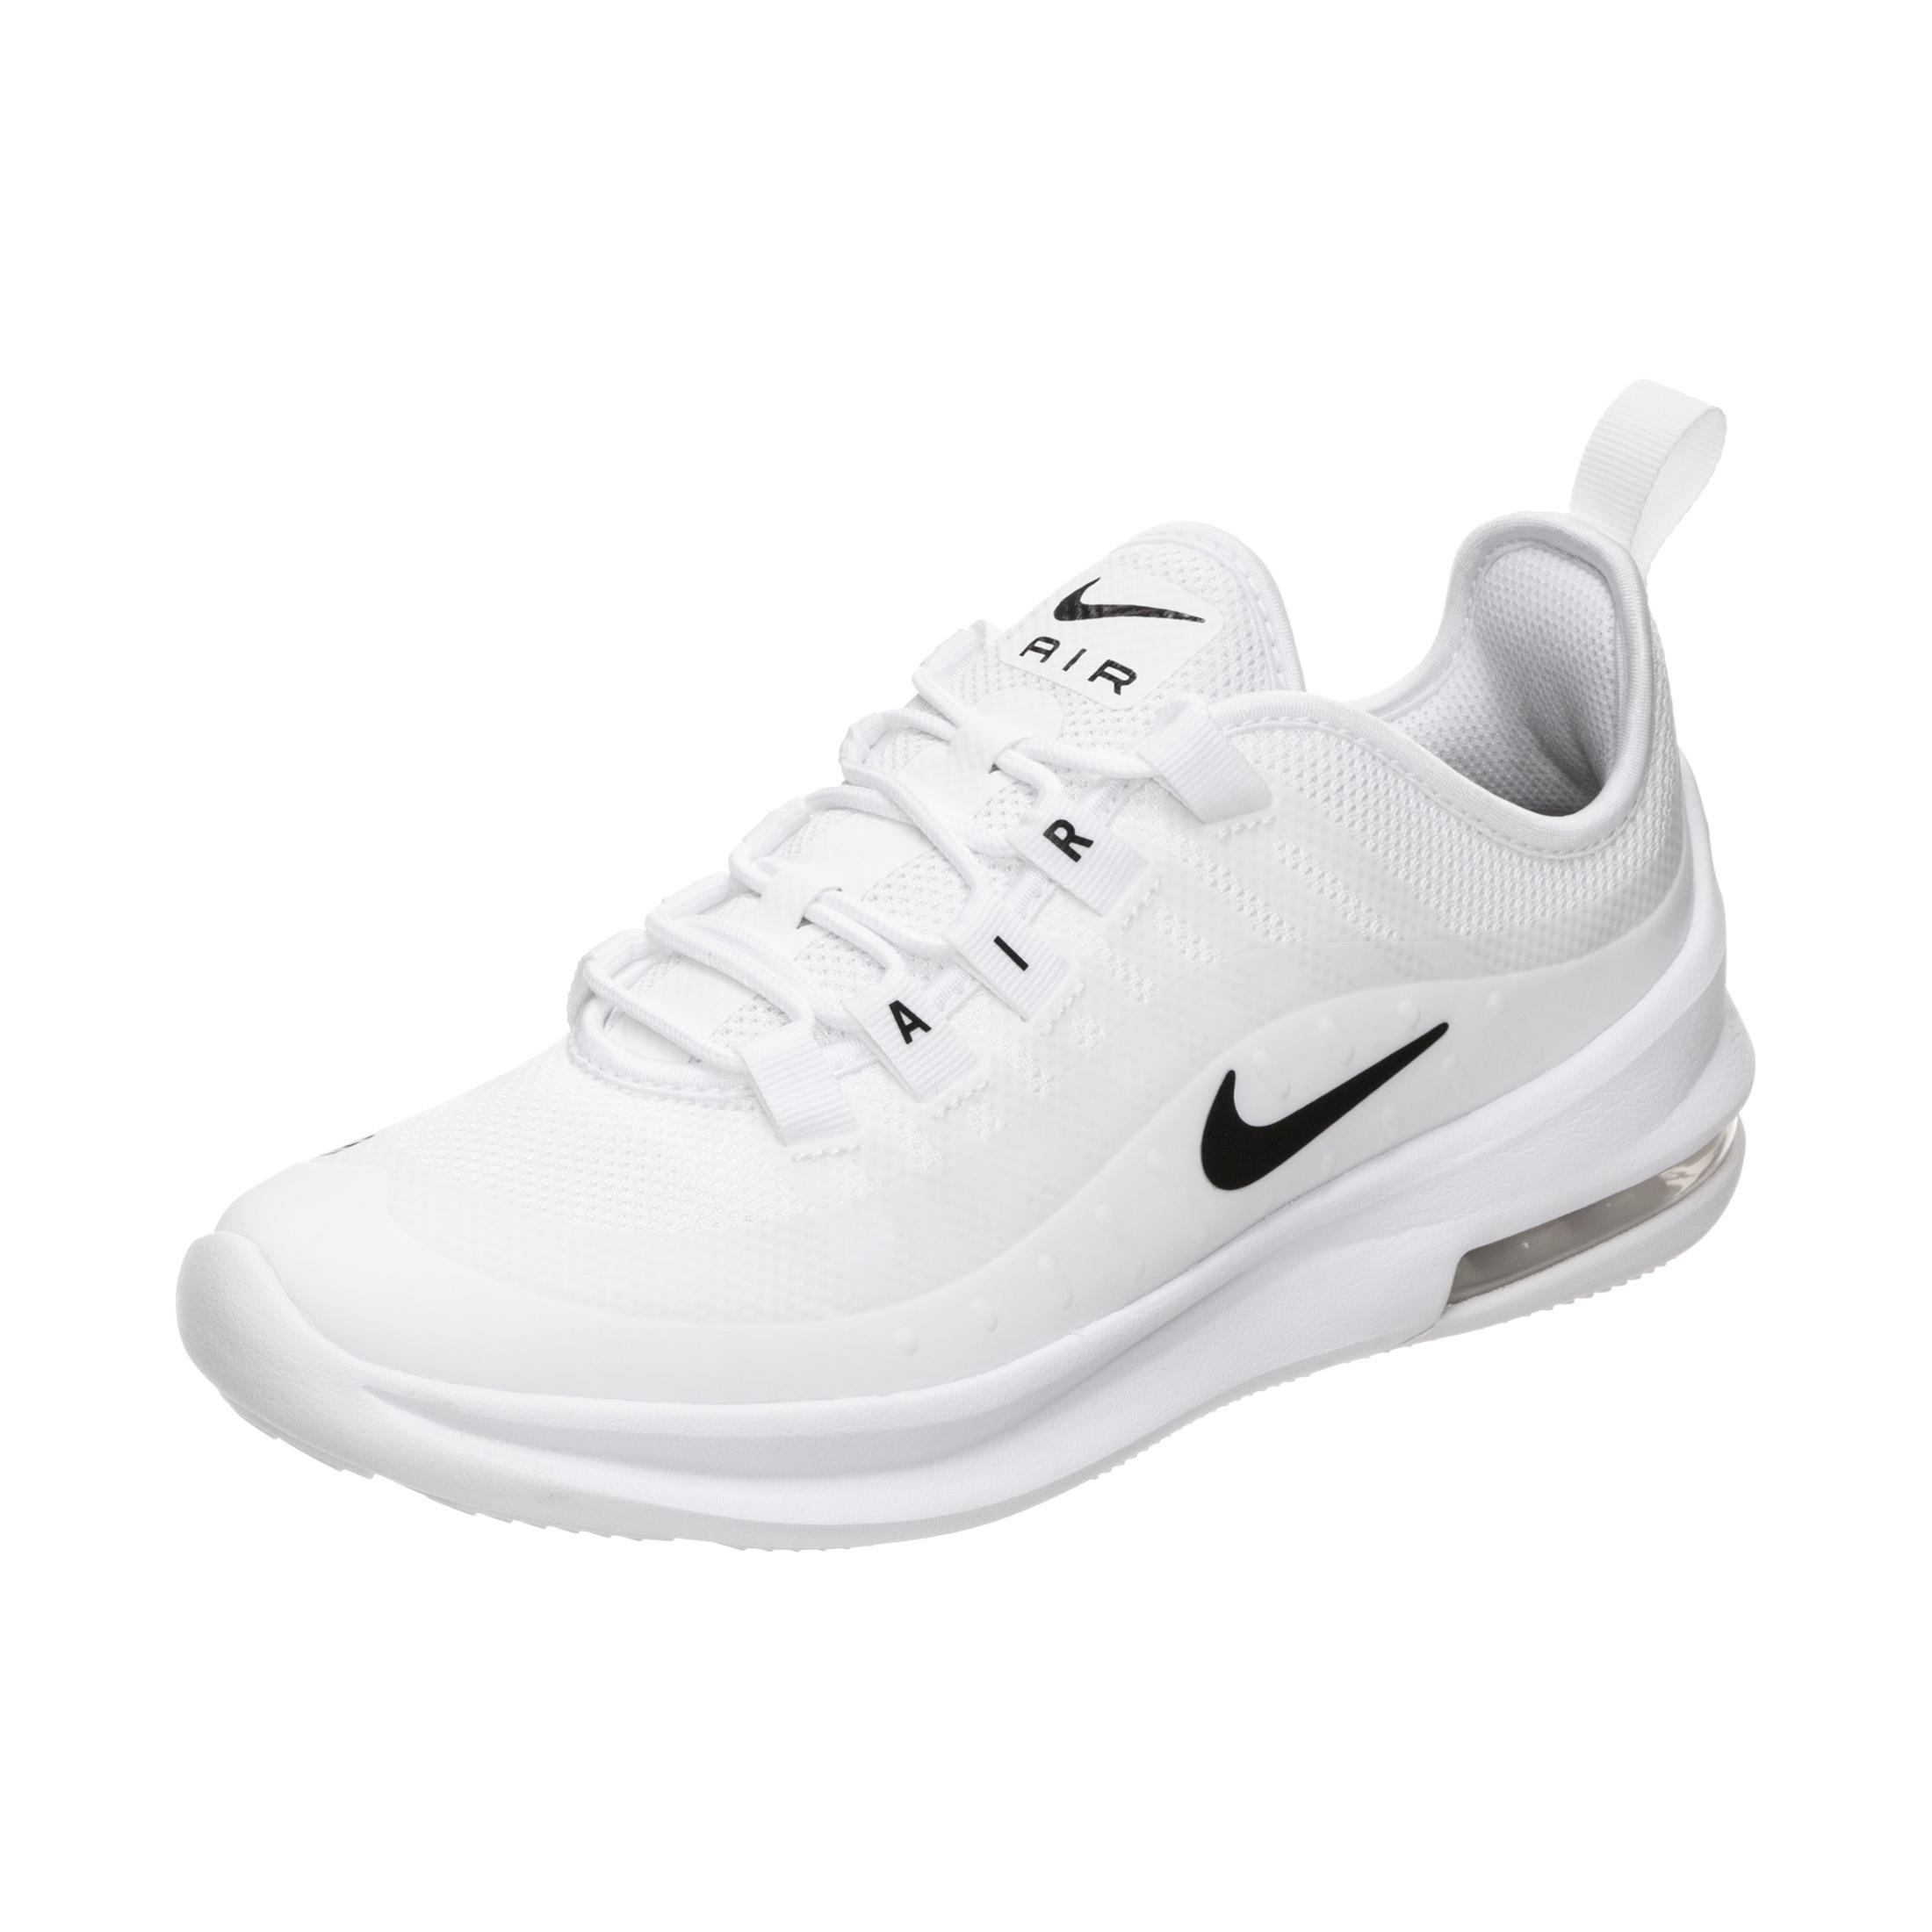 Nike Air Max Axis Sneaker Jungen weiß schwarz im Online Shop von SportScheck kaufen